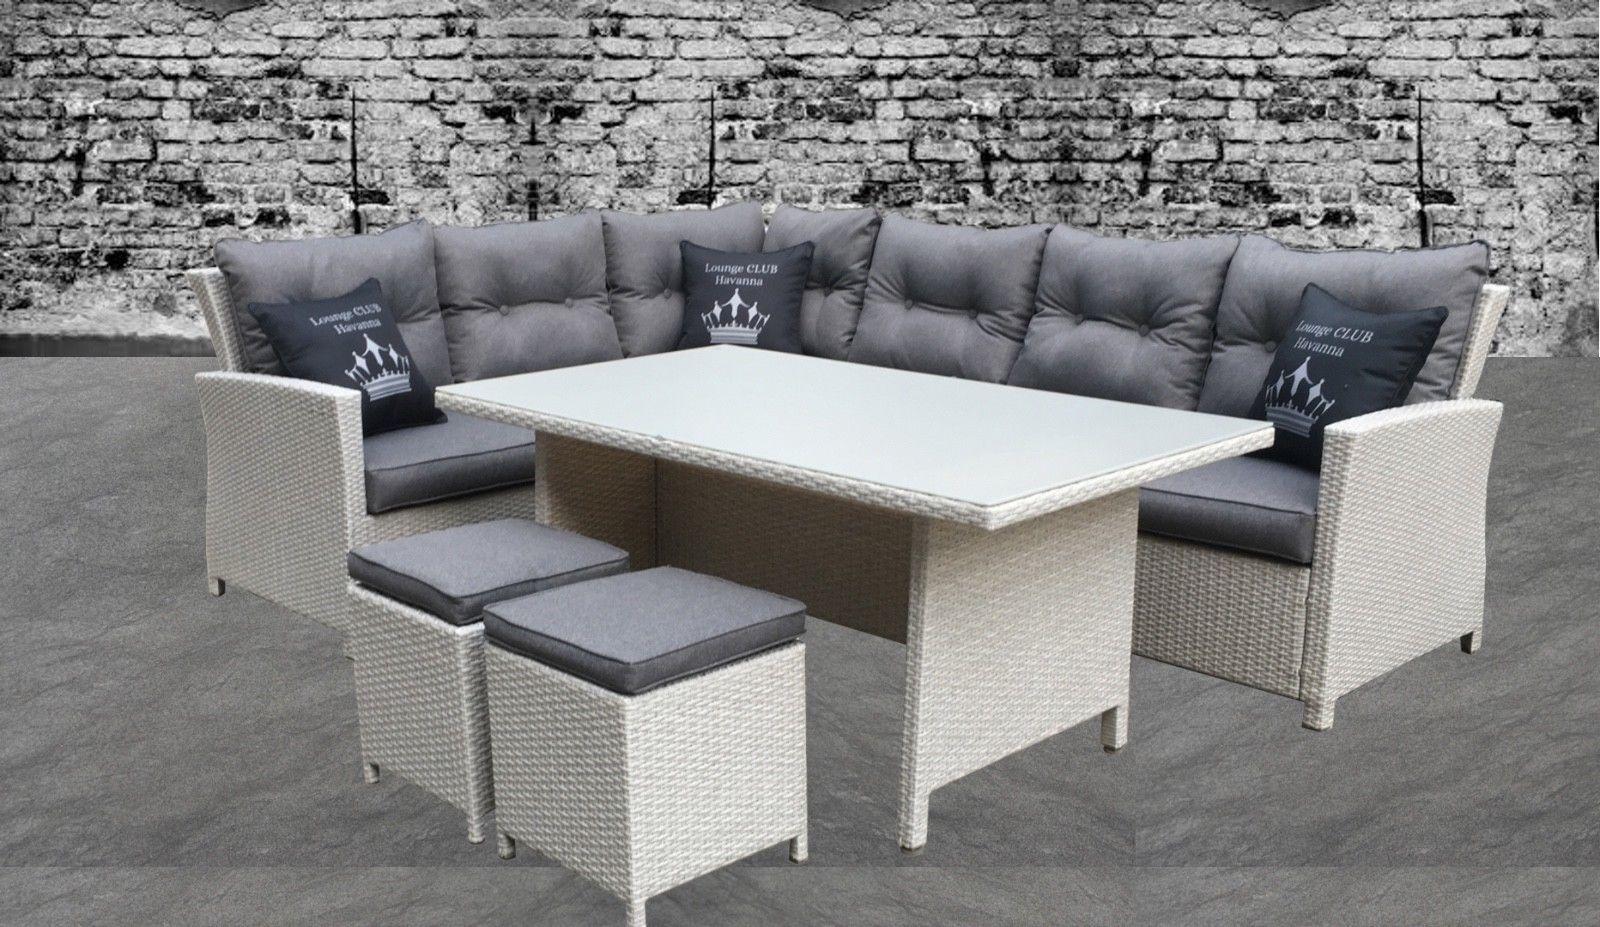 Entzuckend Gartenmöbel Lounge Set Sitzgruppe Alu Garnitur Ecklounge Hoher Tisch Rattan